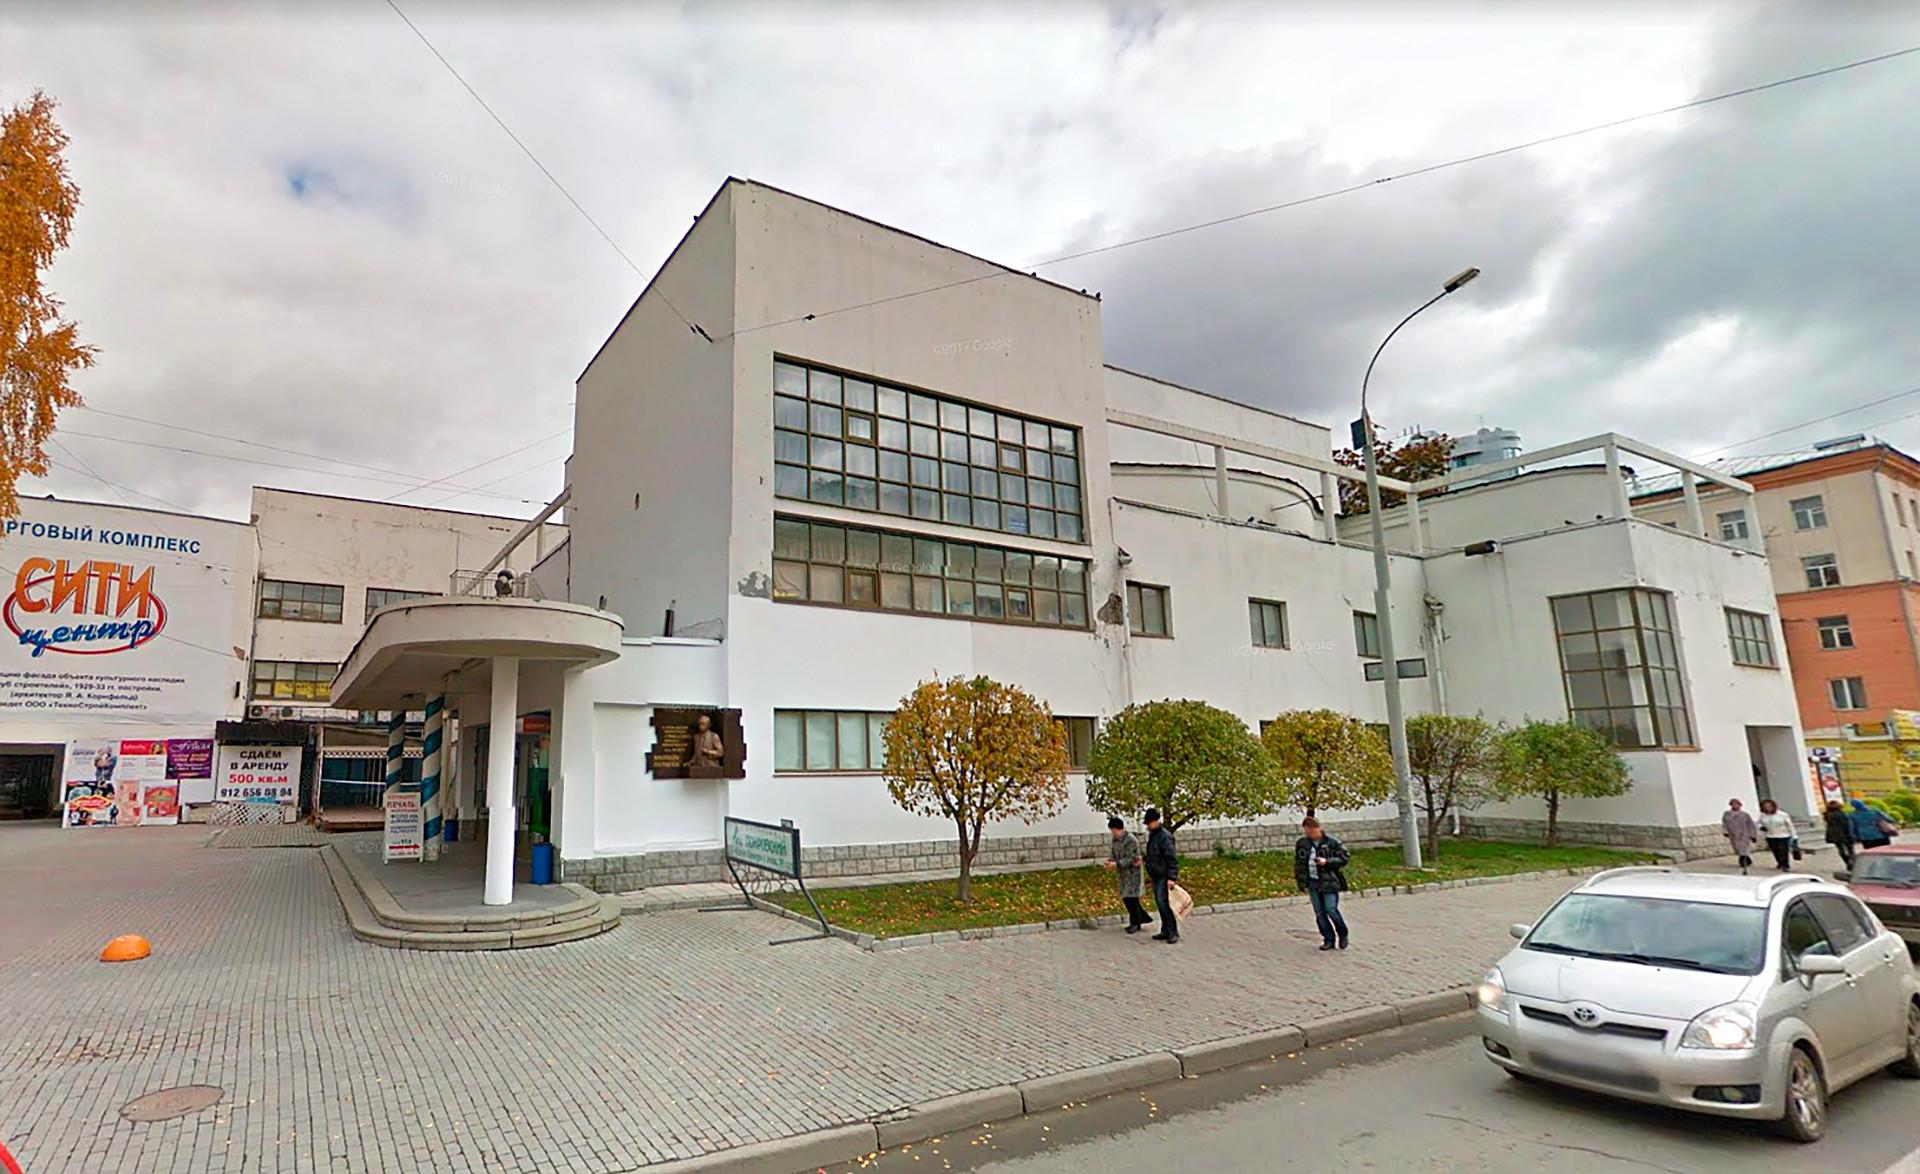 Club de trabajadores para constructores en Ekaterimburgo.